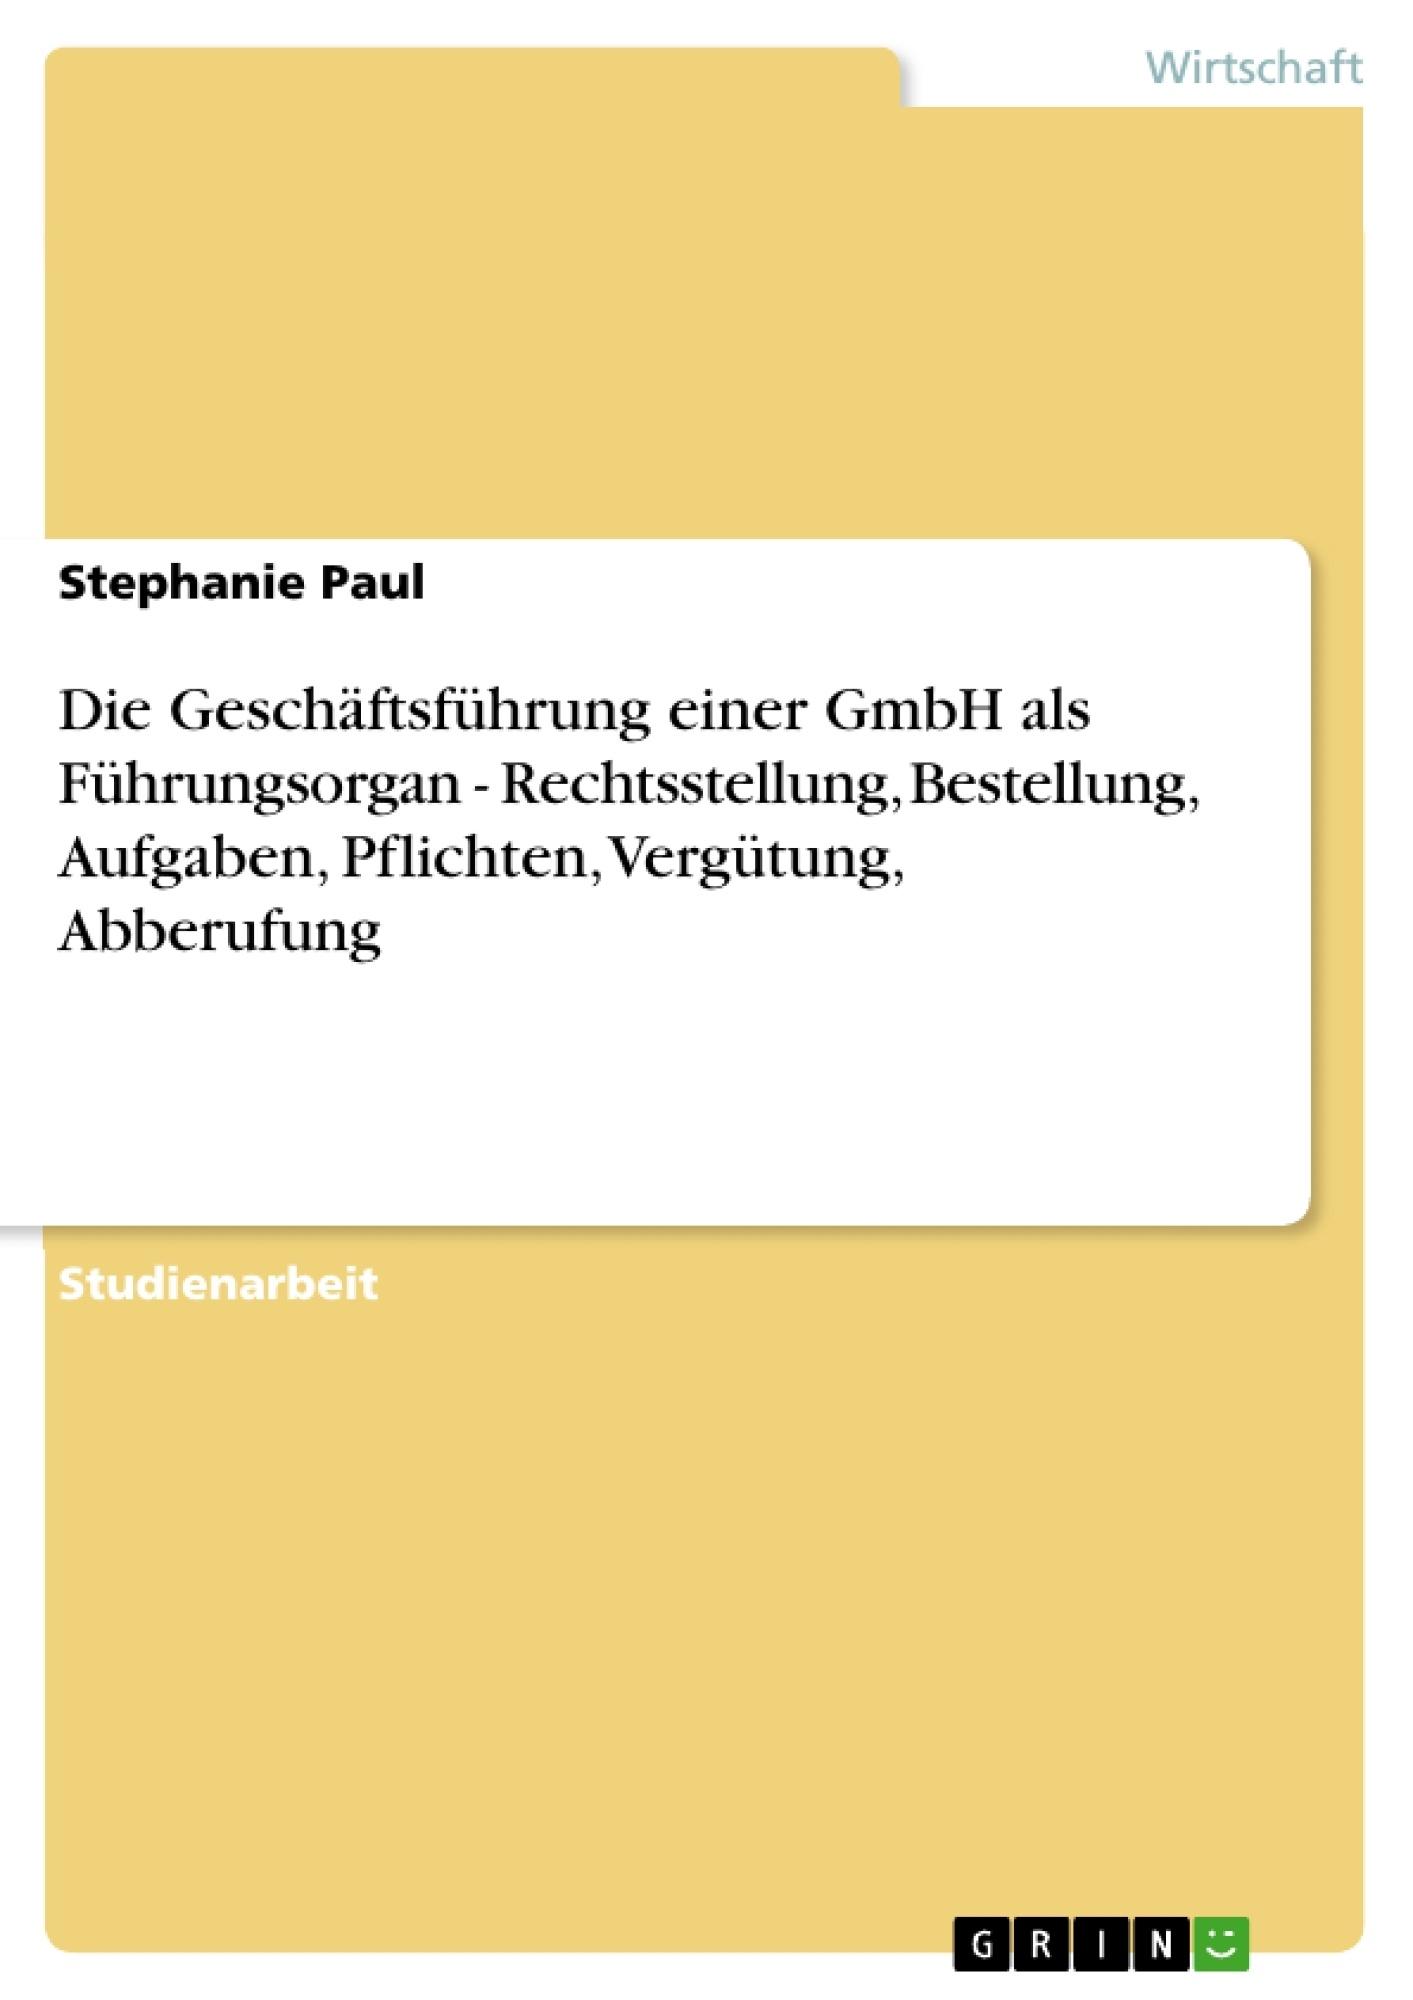 Titel: Die Geschäftsführung einer GmbH als Führungsorgan - Rechtsstellung, Bestellung, Aufgaben, Pflichten, Vergütung, Abberufung